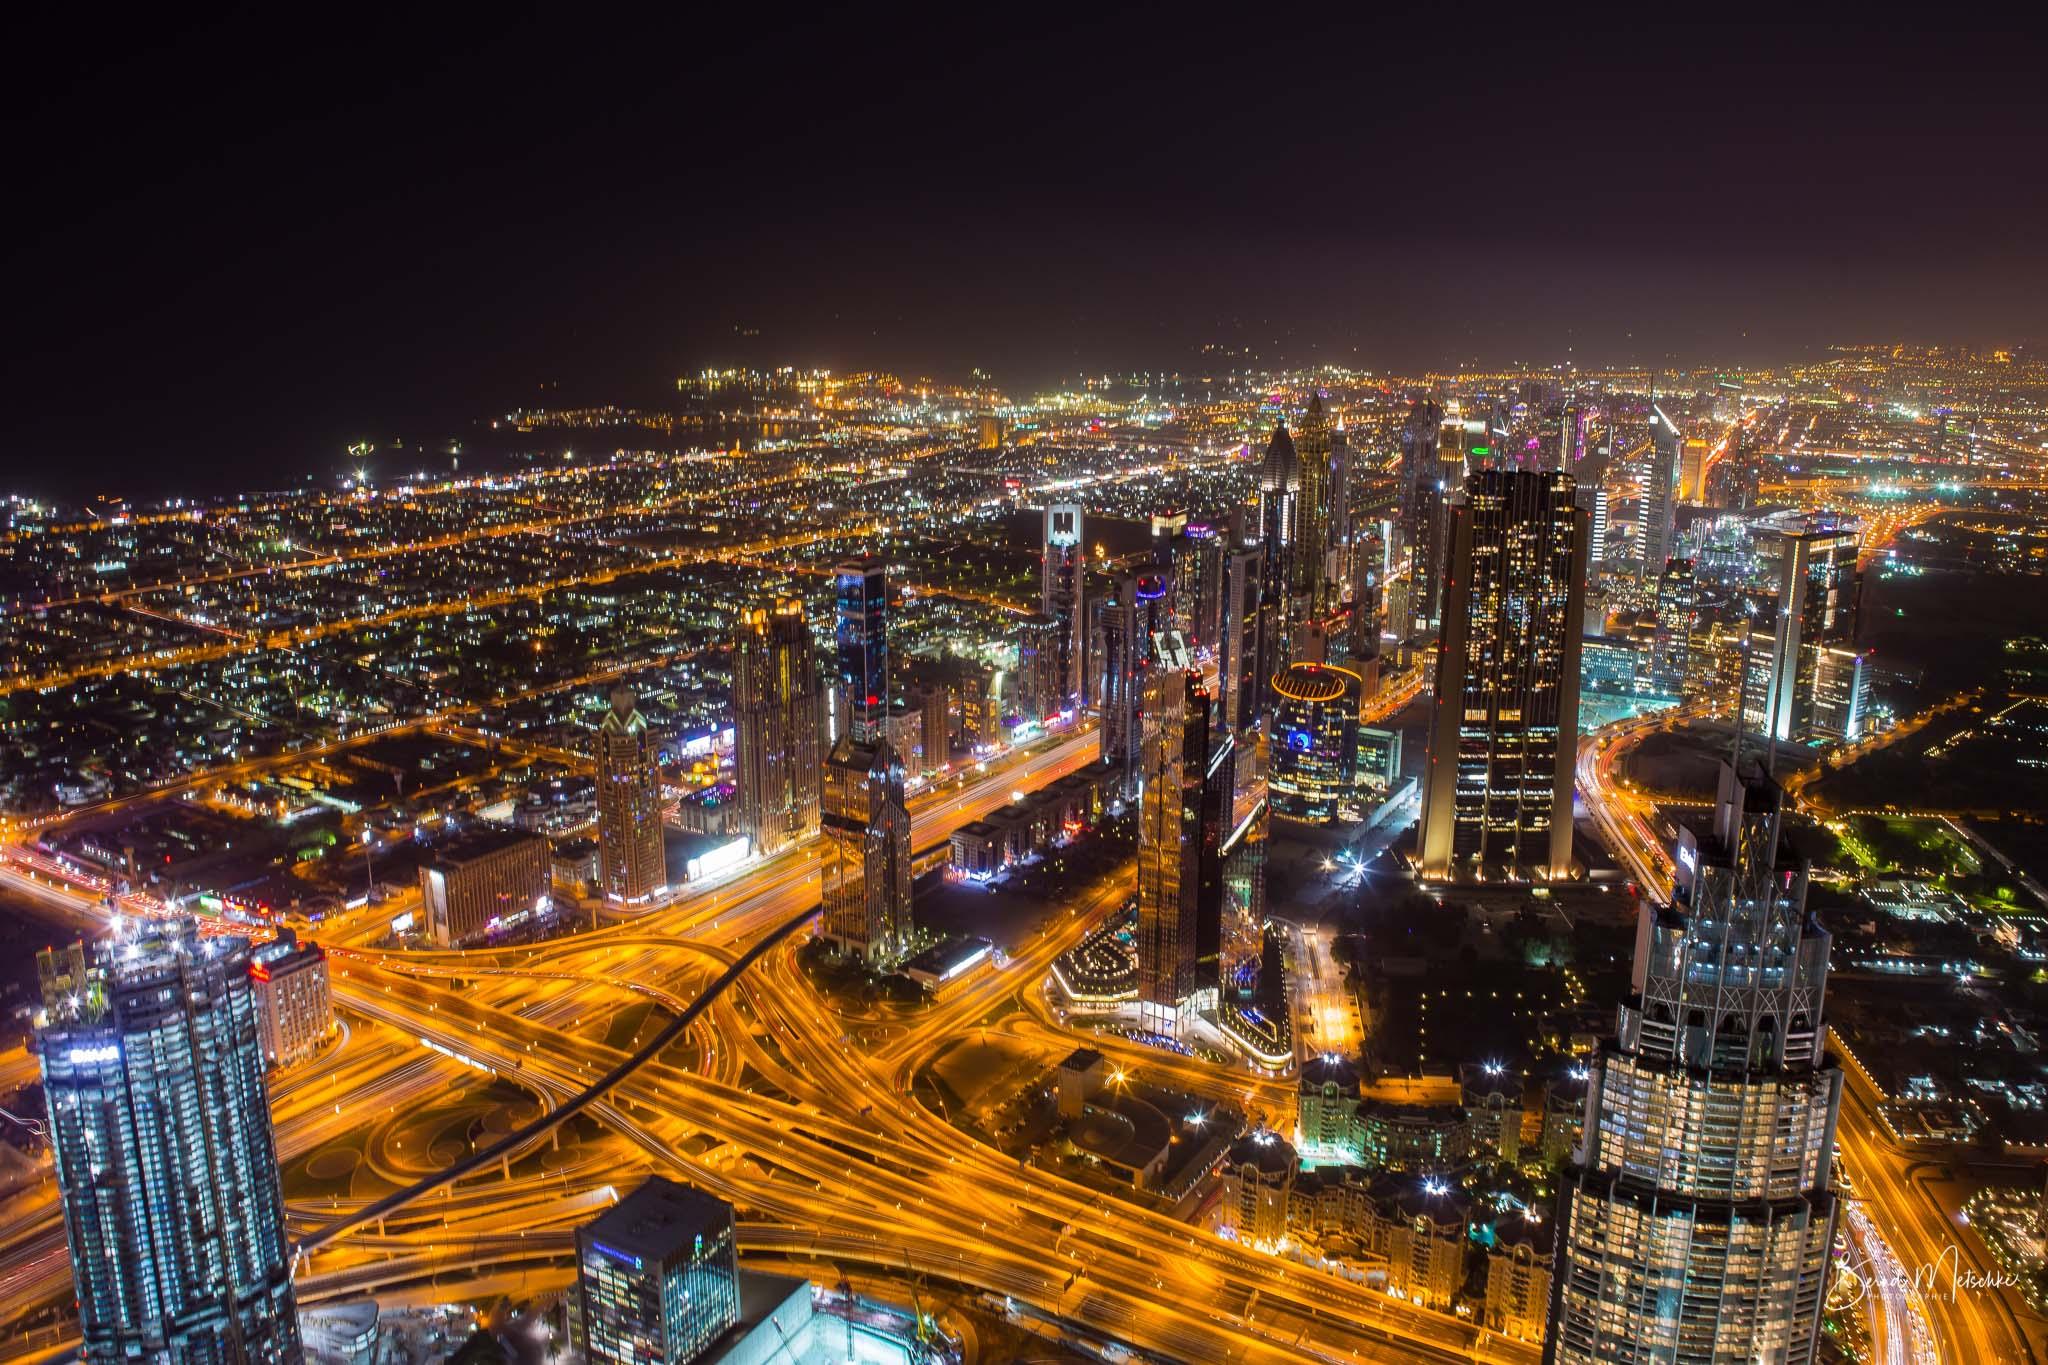 Ausblick vom Aussichtspunkt Burj Khalifa am Abend